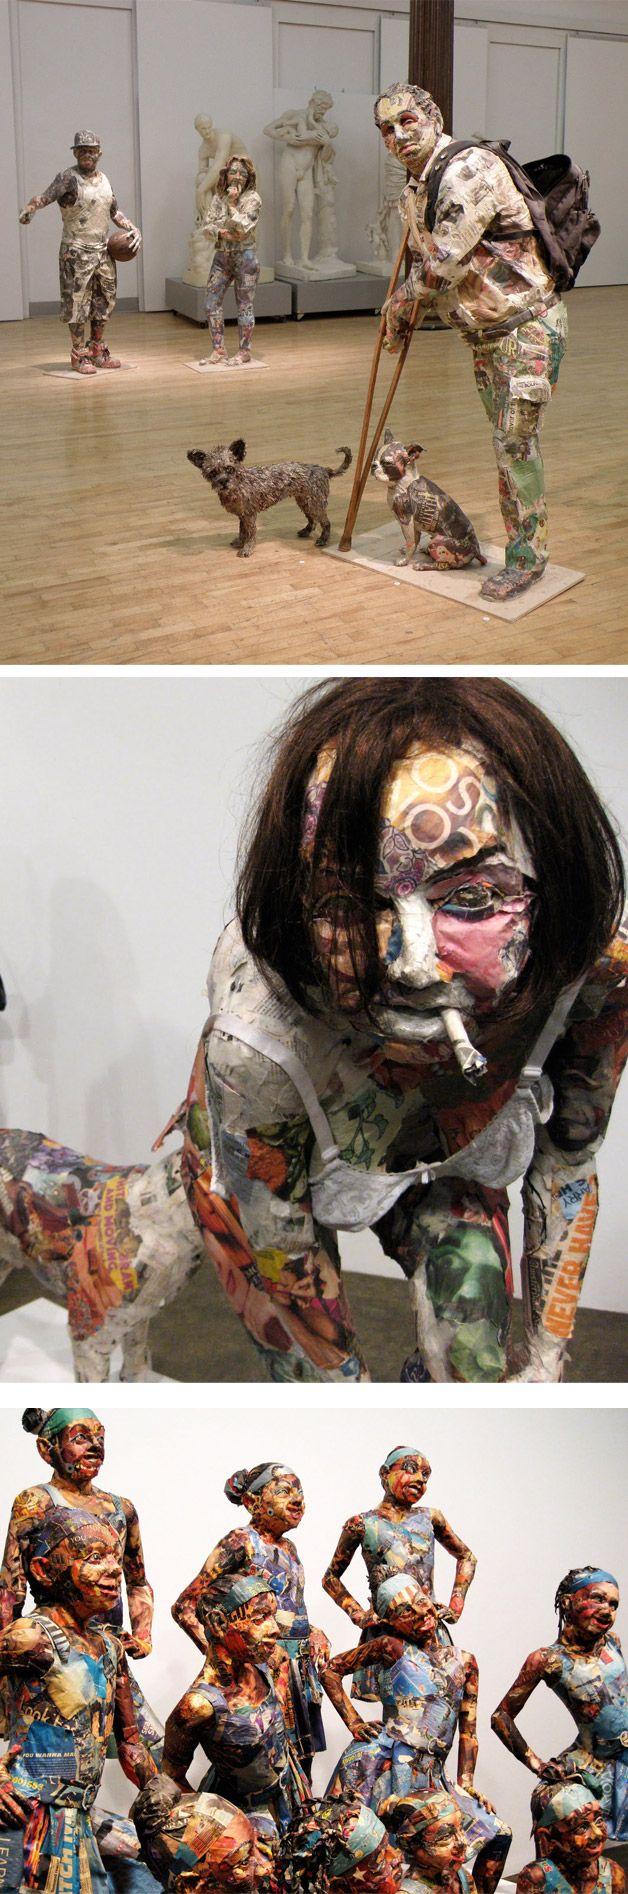 Will Kurtz. Esculturas em tamanho real construídas com restos de jornal, papel, madeira, arame, fitas, etc.